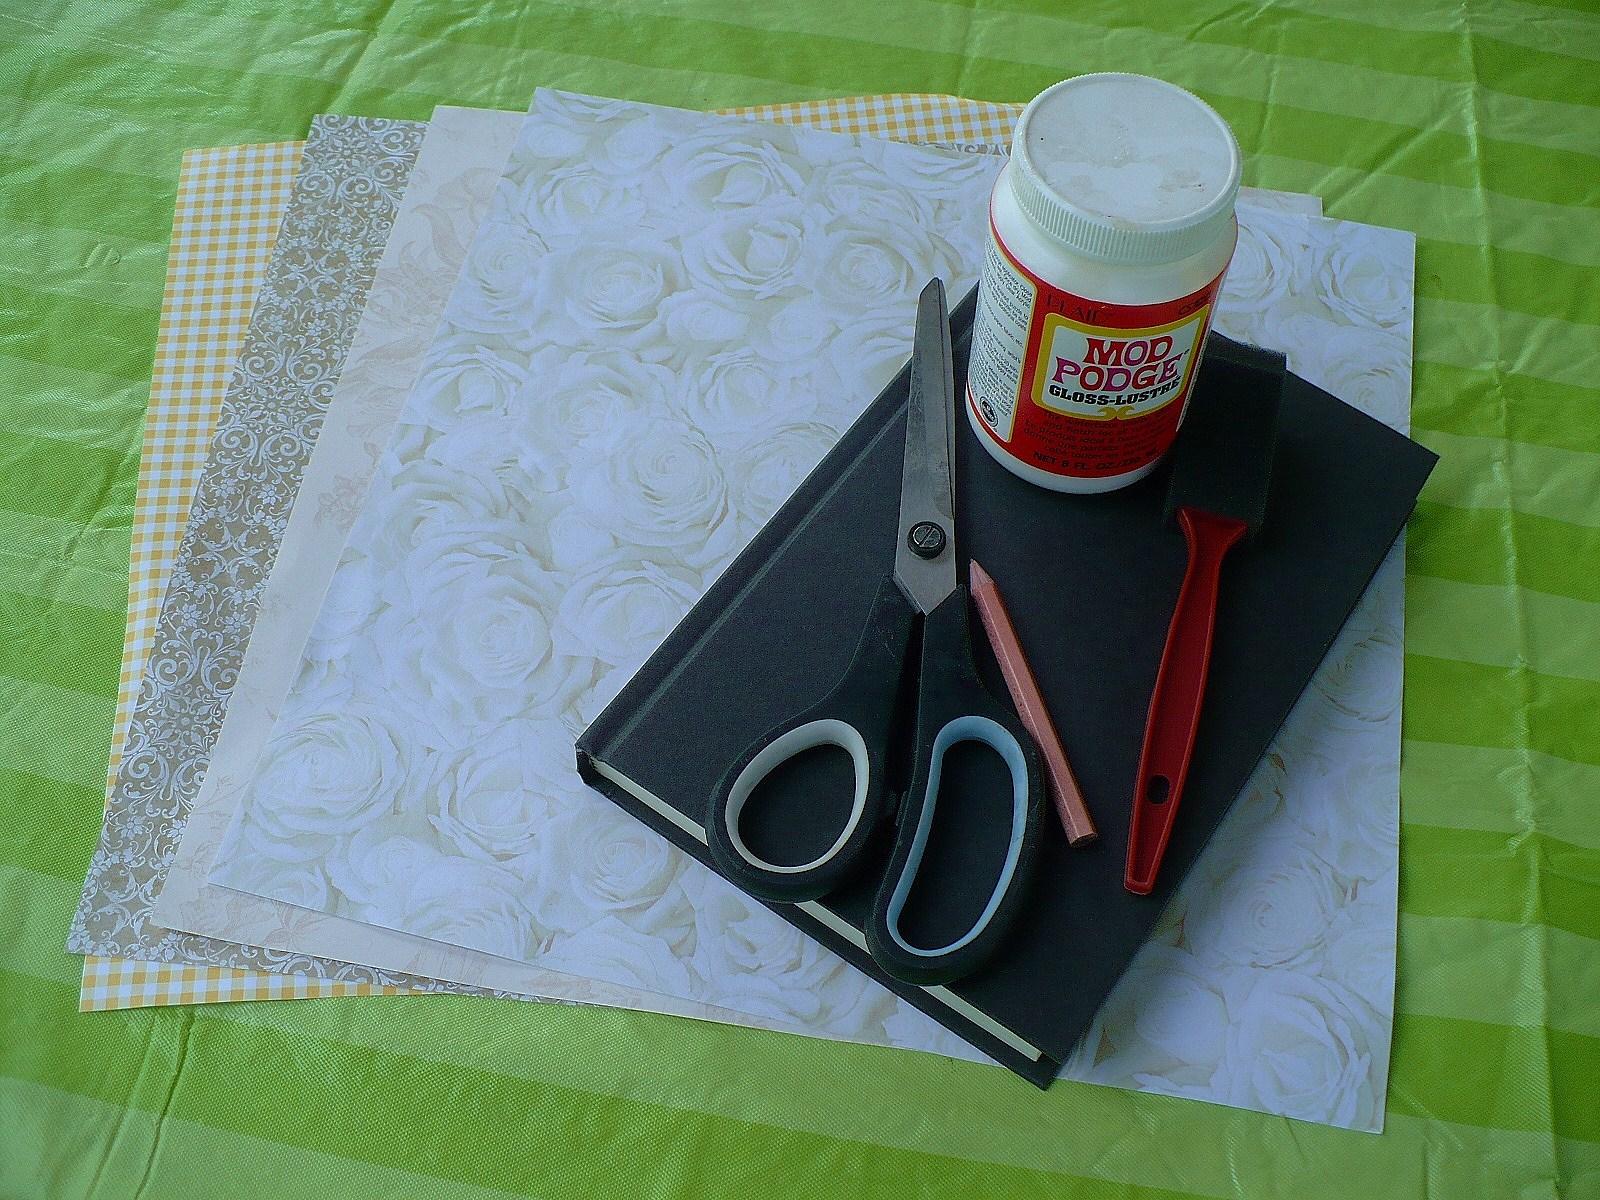 http://1.bp.blogspot.com/_zsrwHjZFVZY/TBJ5nGbUbKI/AAAAAAAAGWg/nYFOhbdp7cE/s1600/Materials.JPG